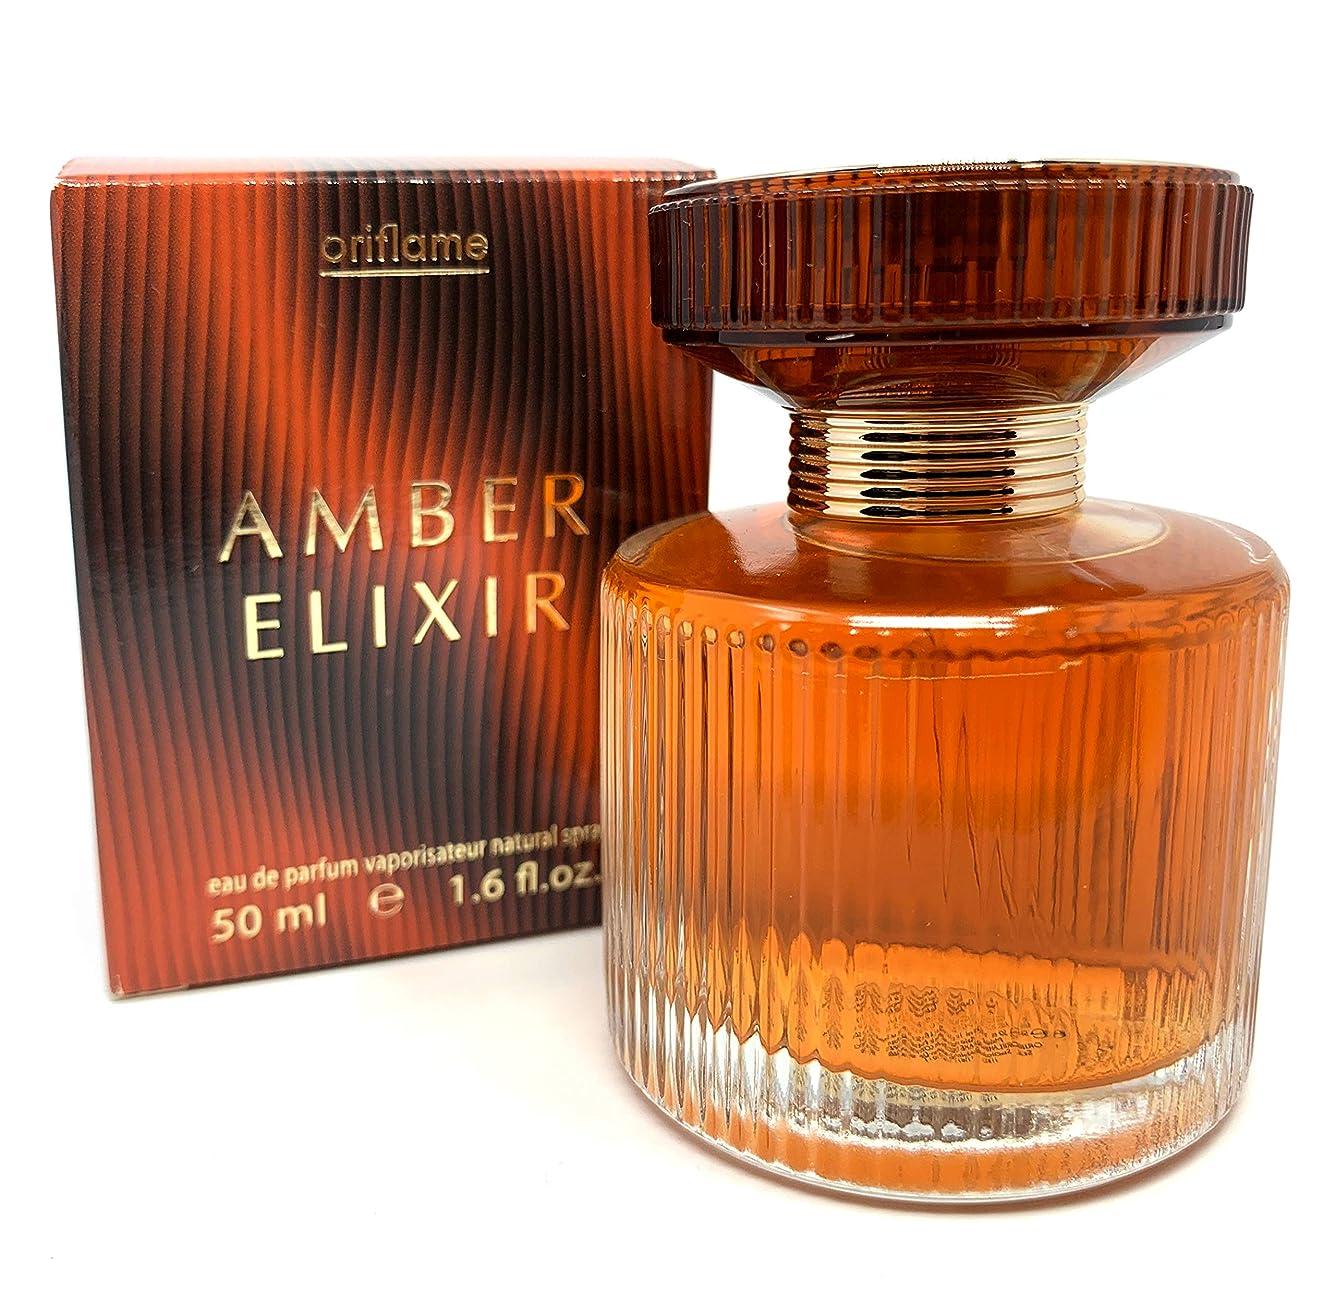 ポゴスティックジャンプ腰塩辛いORIFLAME Amber Elixir Eau De Parfum Natural Spray 50ml - 1.6oz